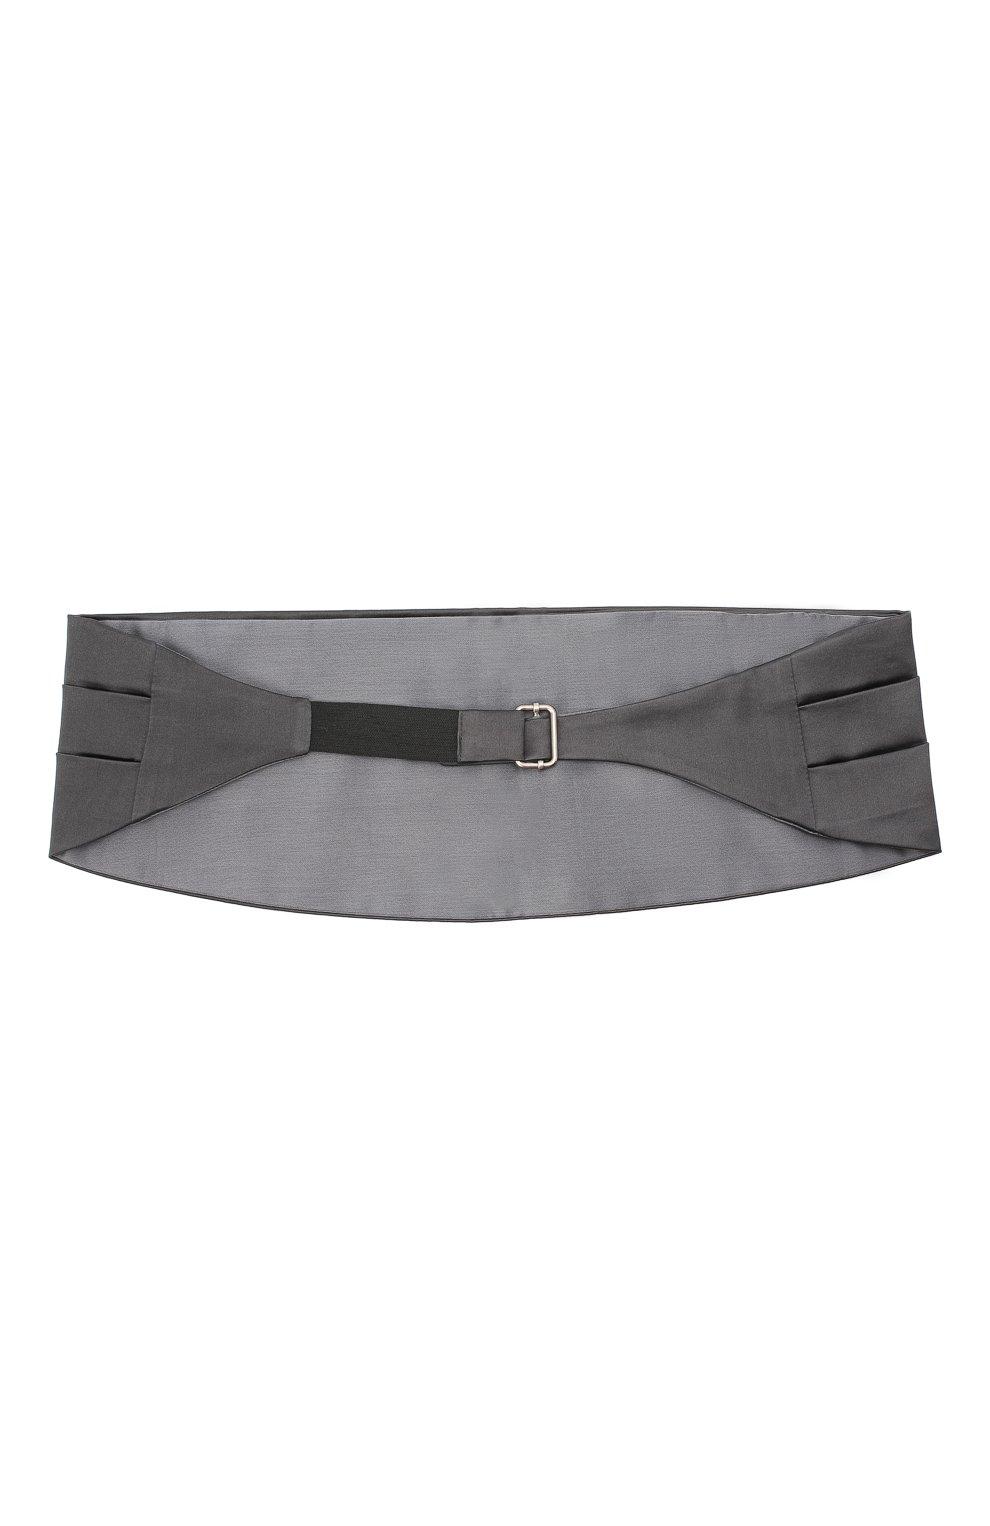 Мужской камербанд из хлопка и шелка BRUNELLO CUCINELLI серого цвета, арт. MR813S005   Фото 2 (Материал: Текстиль, Хлопок)